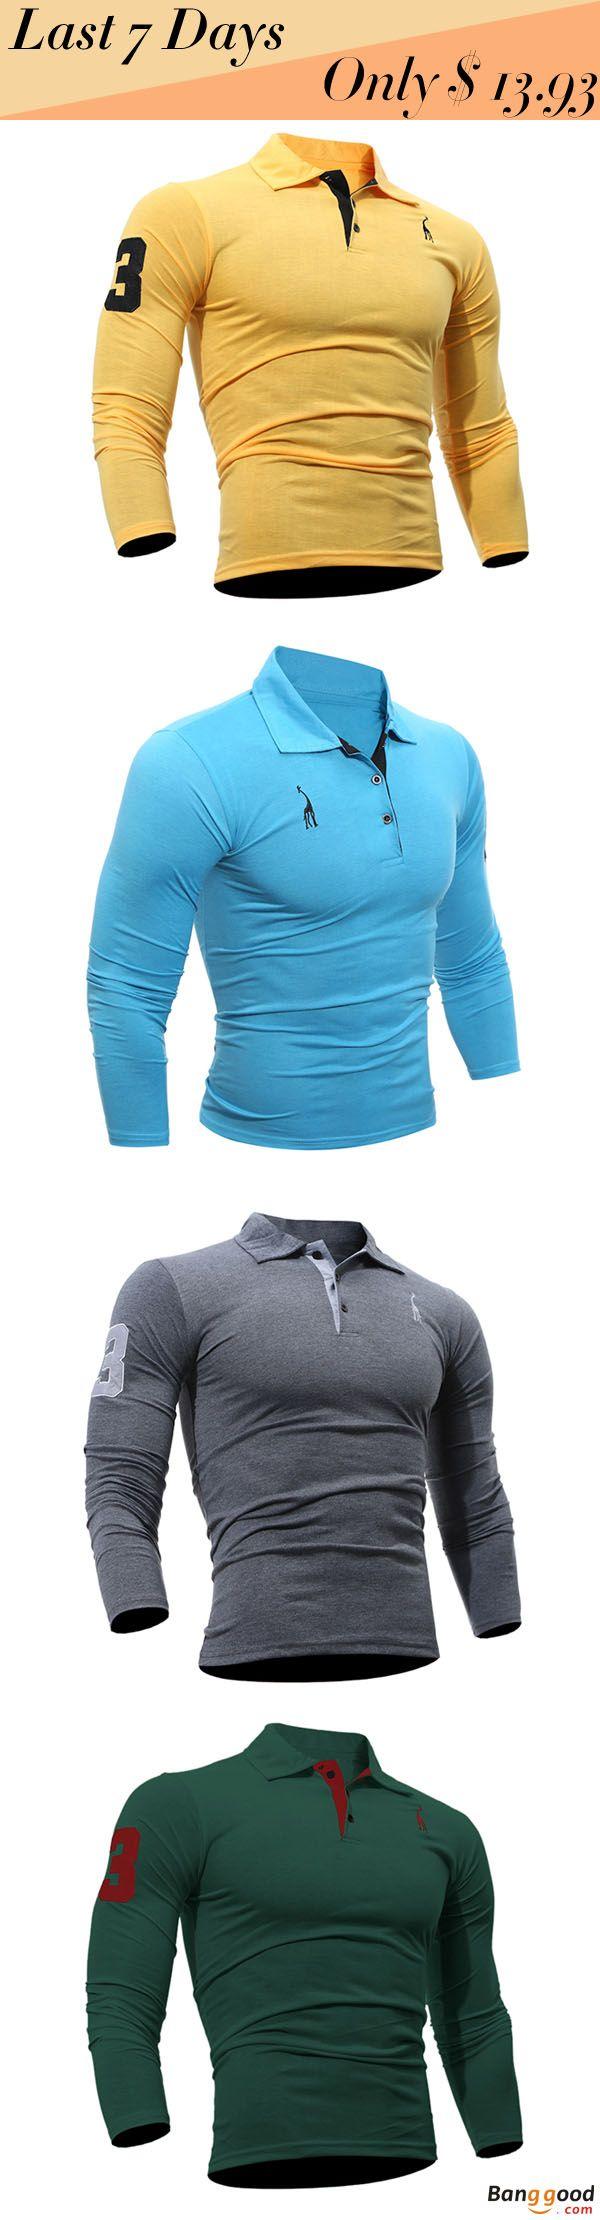 Cómo puedo comprar la camiseta celeste.?